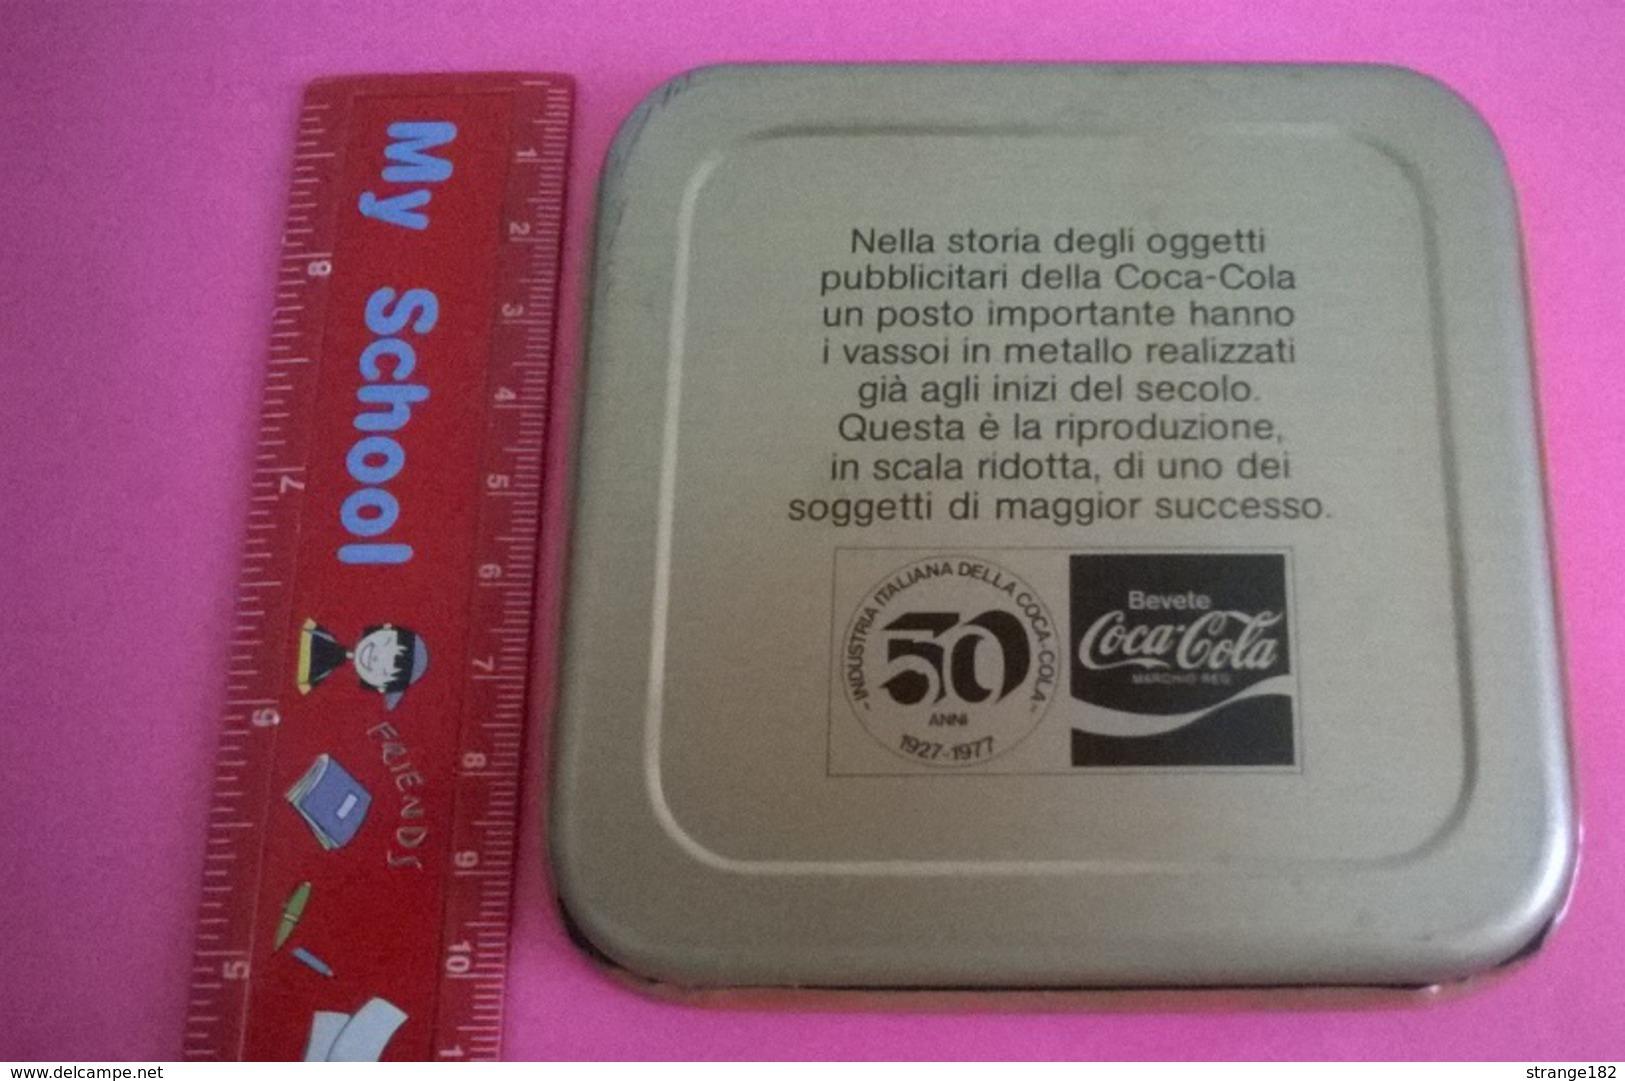 SOTTOBICCHIERE COCA COLA 1927- 1977 INDUSTRIA ITALIANA DELLA COCA COLA SOANNI - Sottobicchieri Di Birra